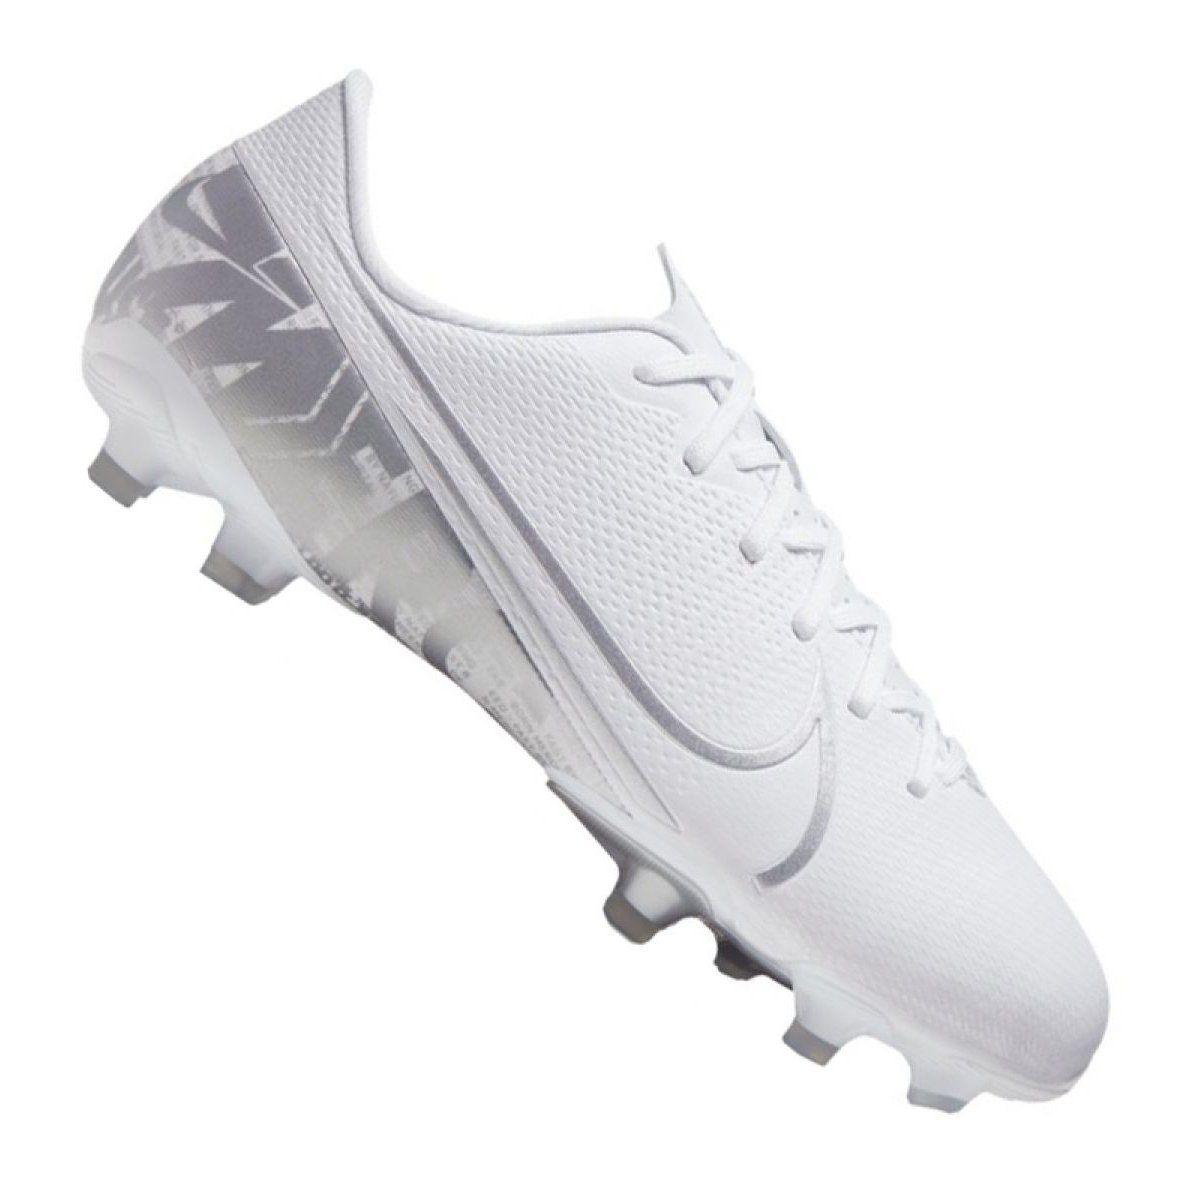 Nike Jr Vapor 13 Academy Mg Jr At8123 100 Football Shoes White White Football Shoes Junior Shoes Shoe Feature